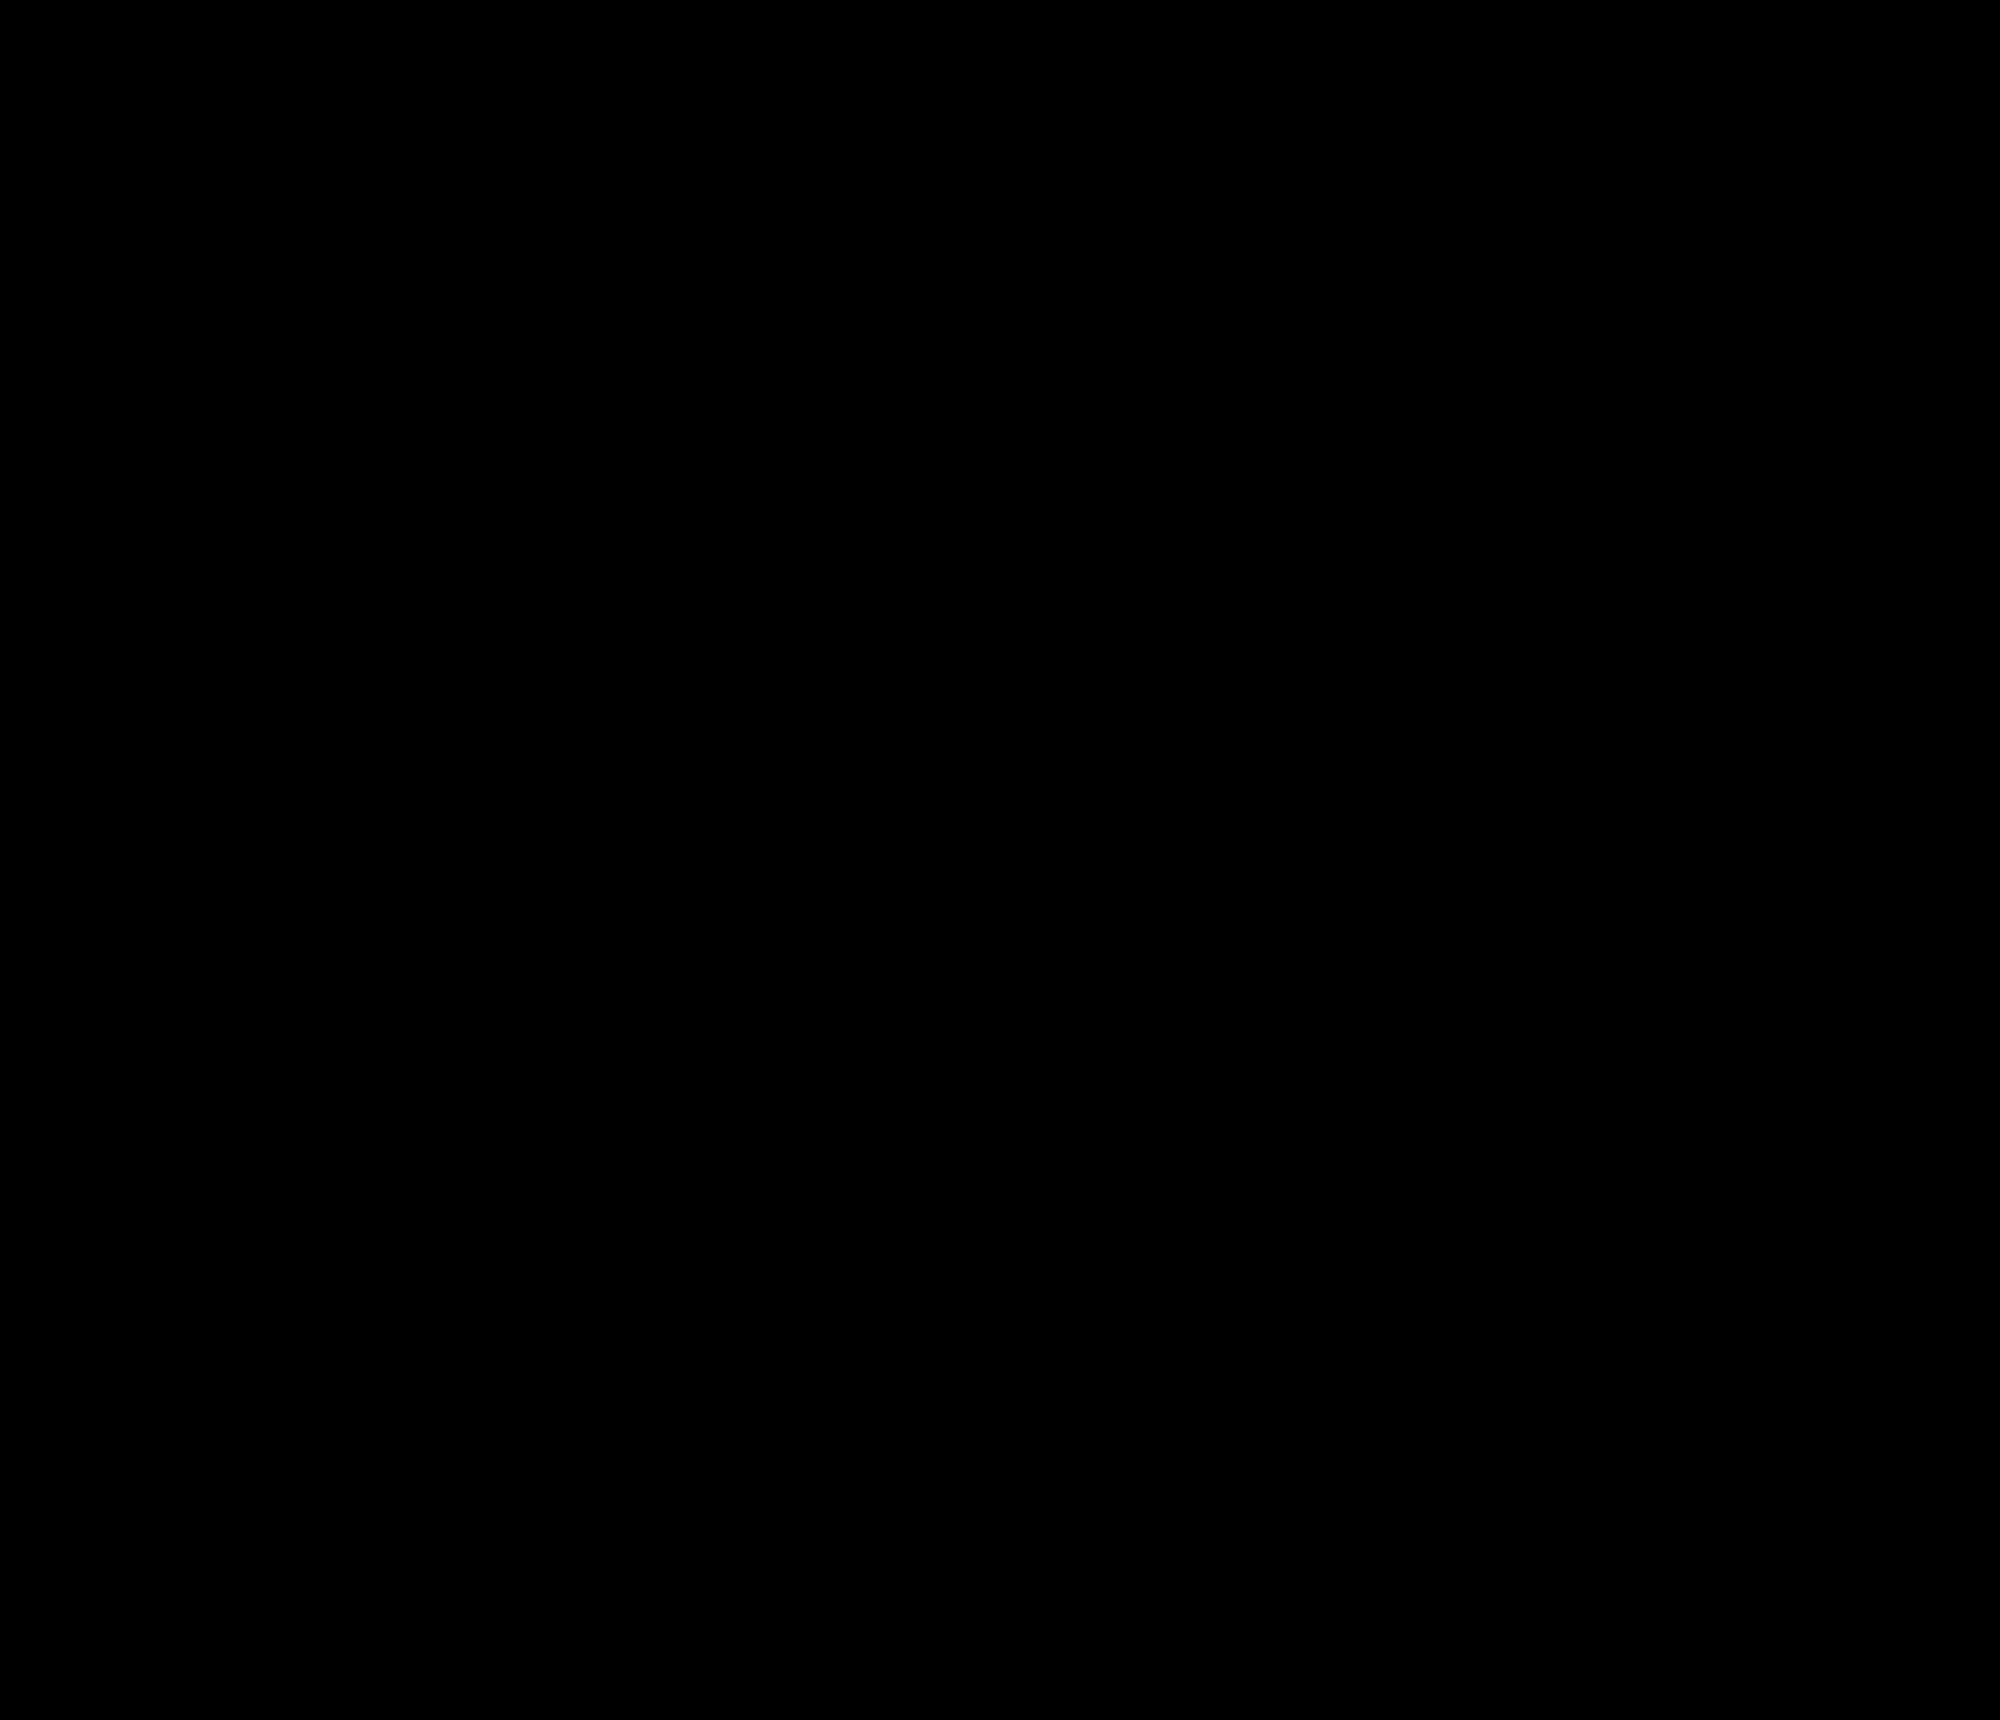 SW_logo_standard_BLACK_CMYK.png